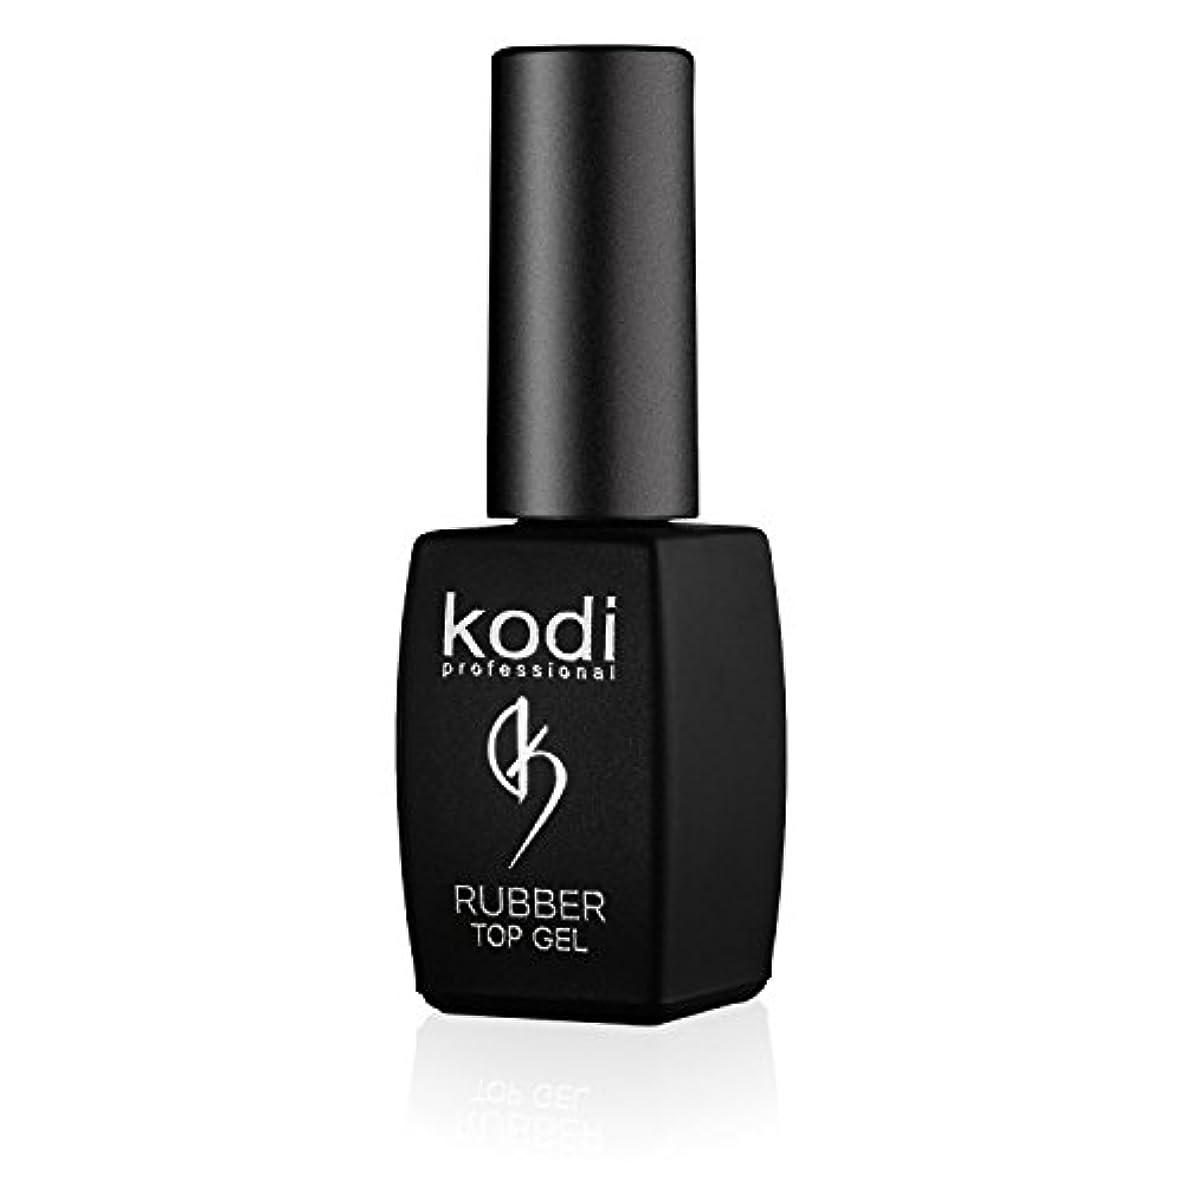 豚肉辛いお父さんProfessional Rubber Top Gel By Kodi   8ml 0.27 oz   Soak Off, Polish Fingernails Coat Kit   For Long Lasting Nails...